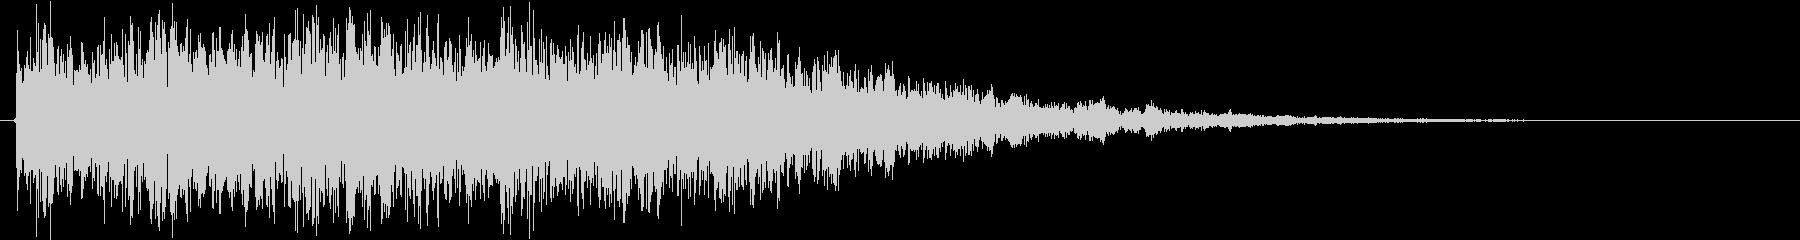 ロボが合体や変形する時の音 の未再生の波形